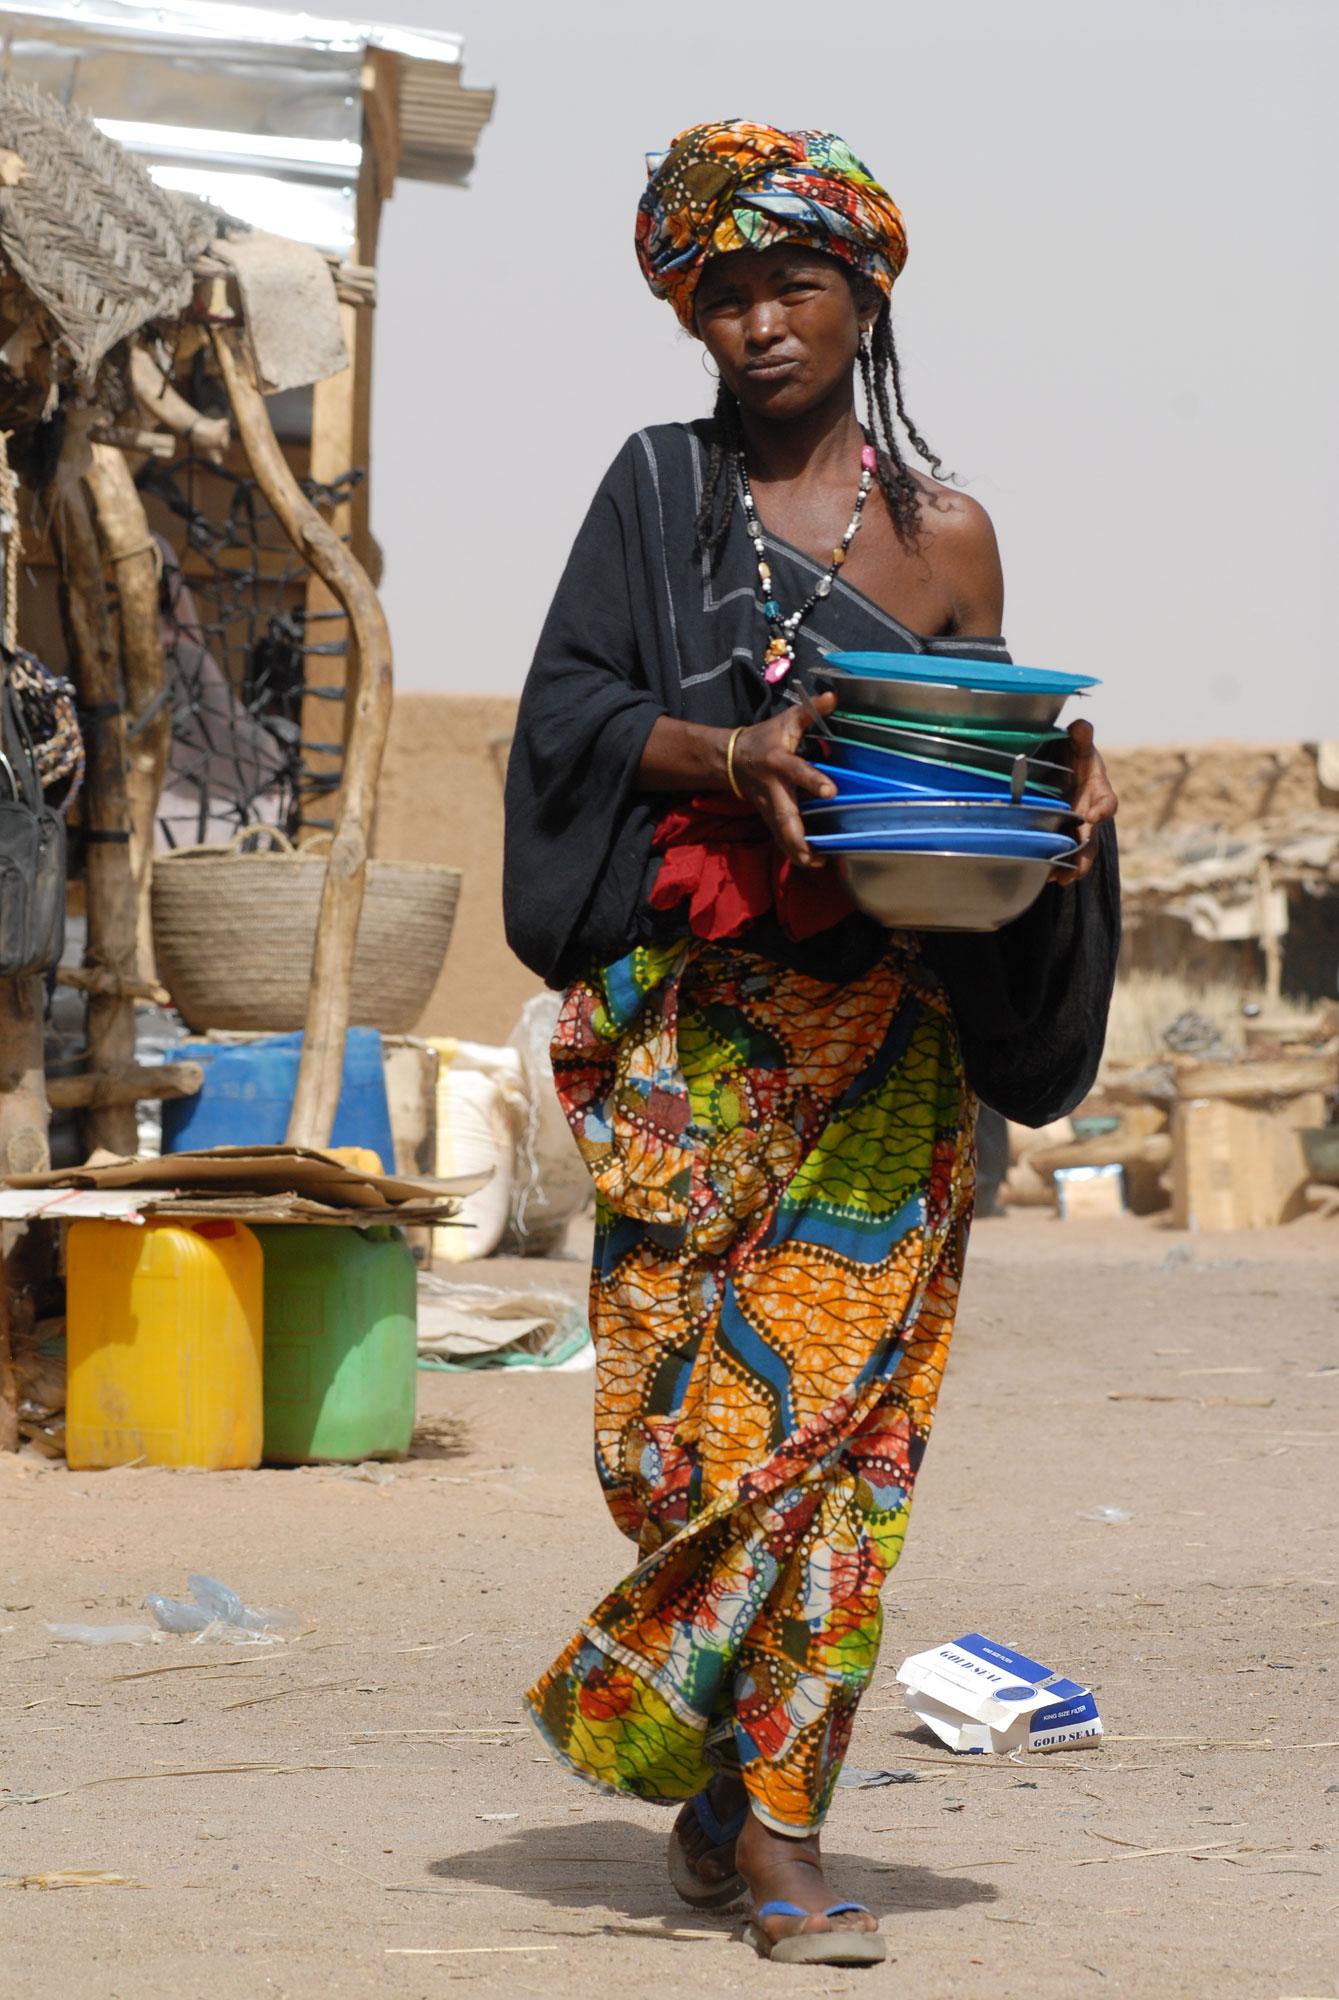 Een vrouw, waarschijnlijk Touareg loopt met een stapel borden.